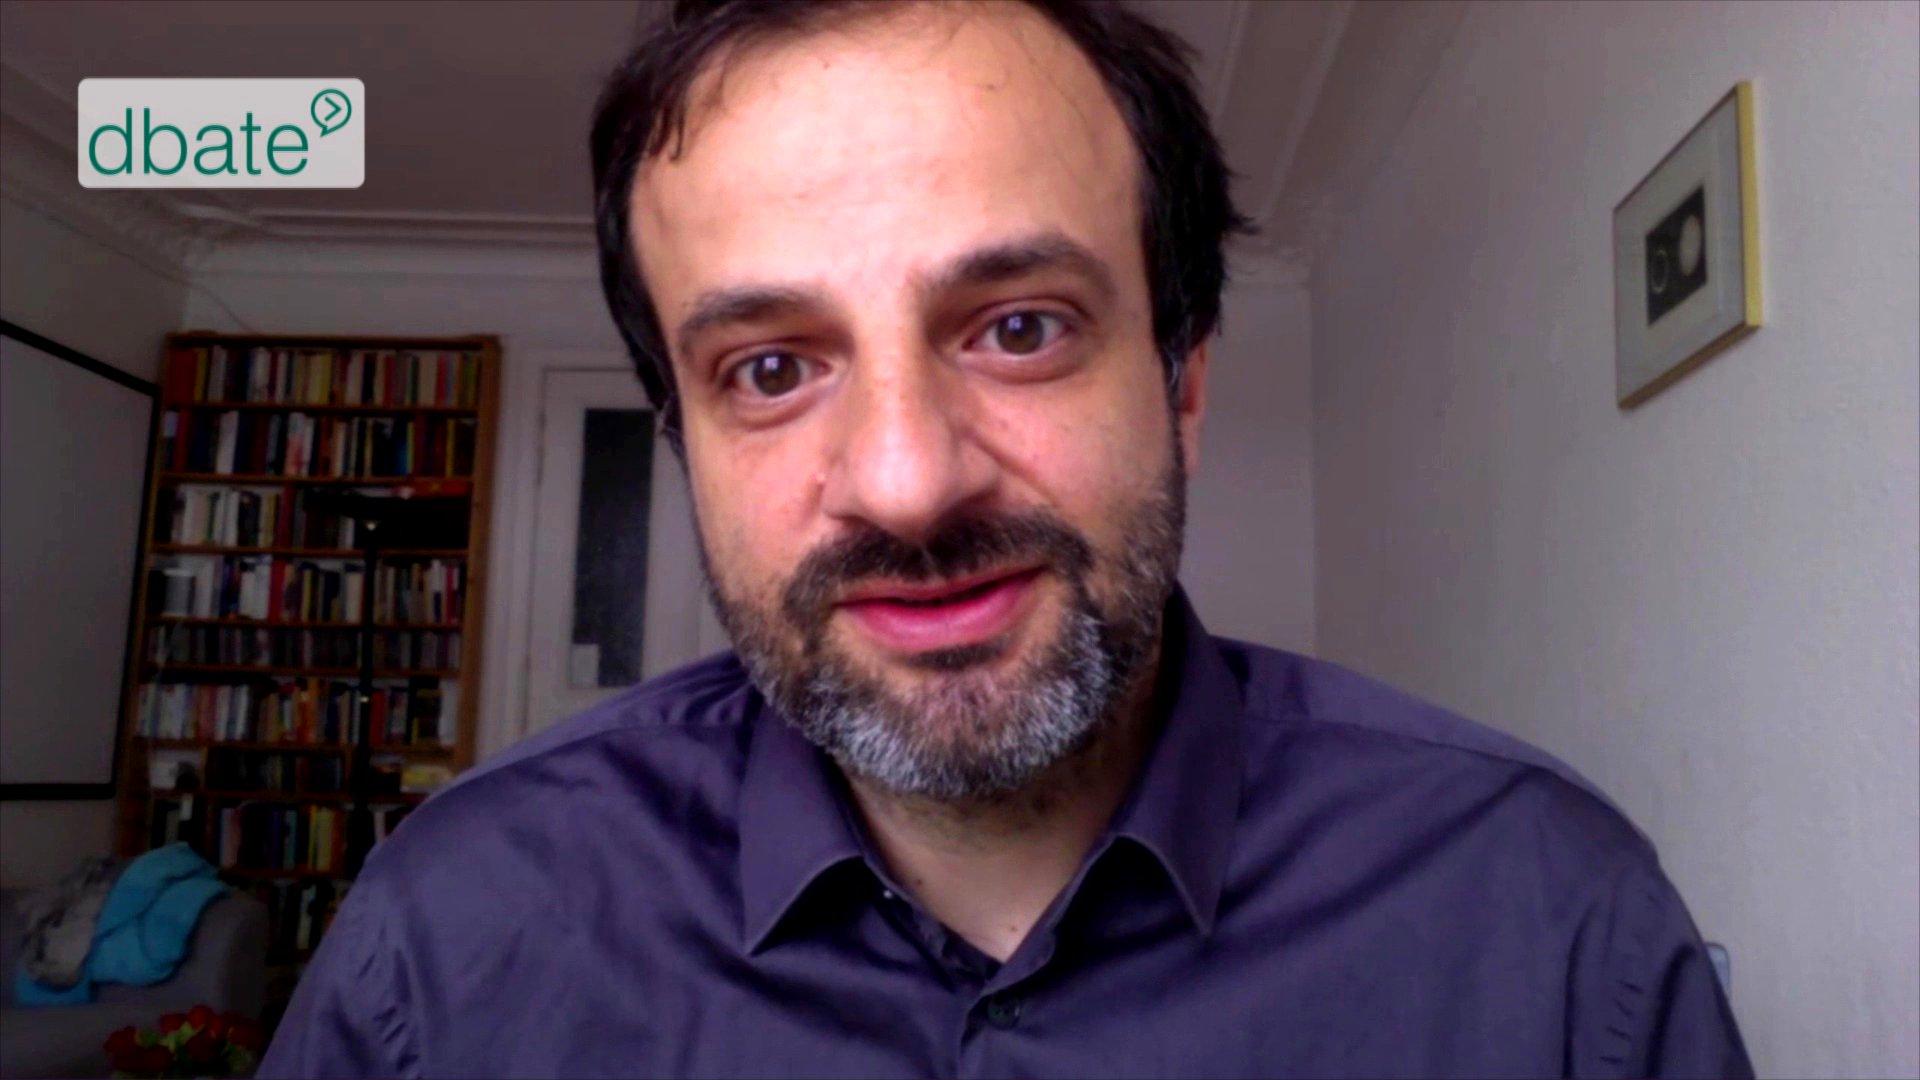 Dr. Serhat Karakayali im Skype-Interview für www.dbate.de